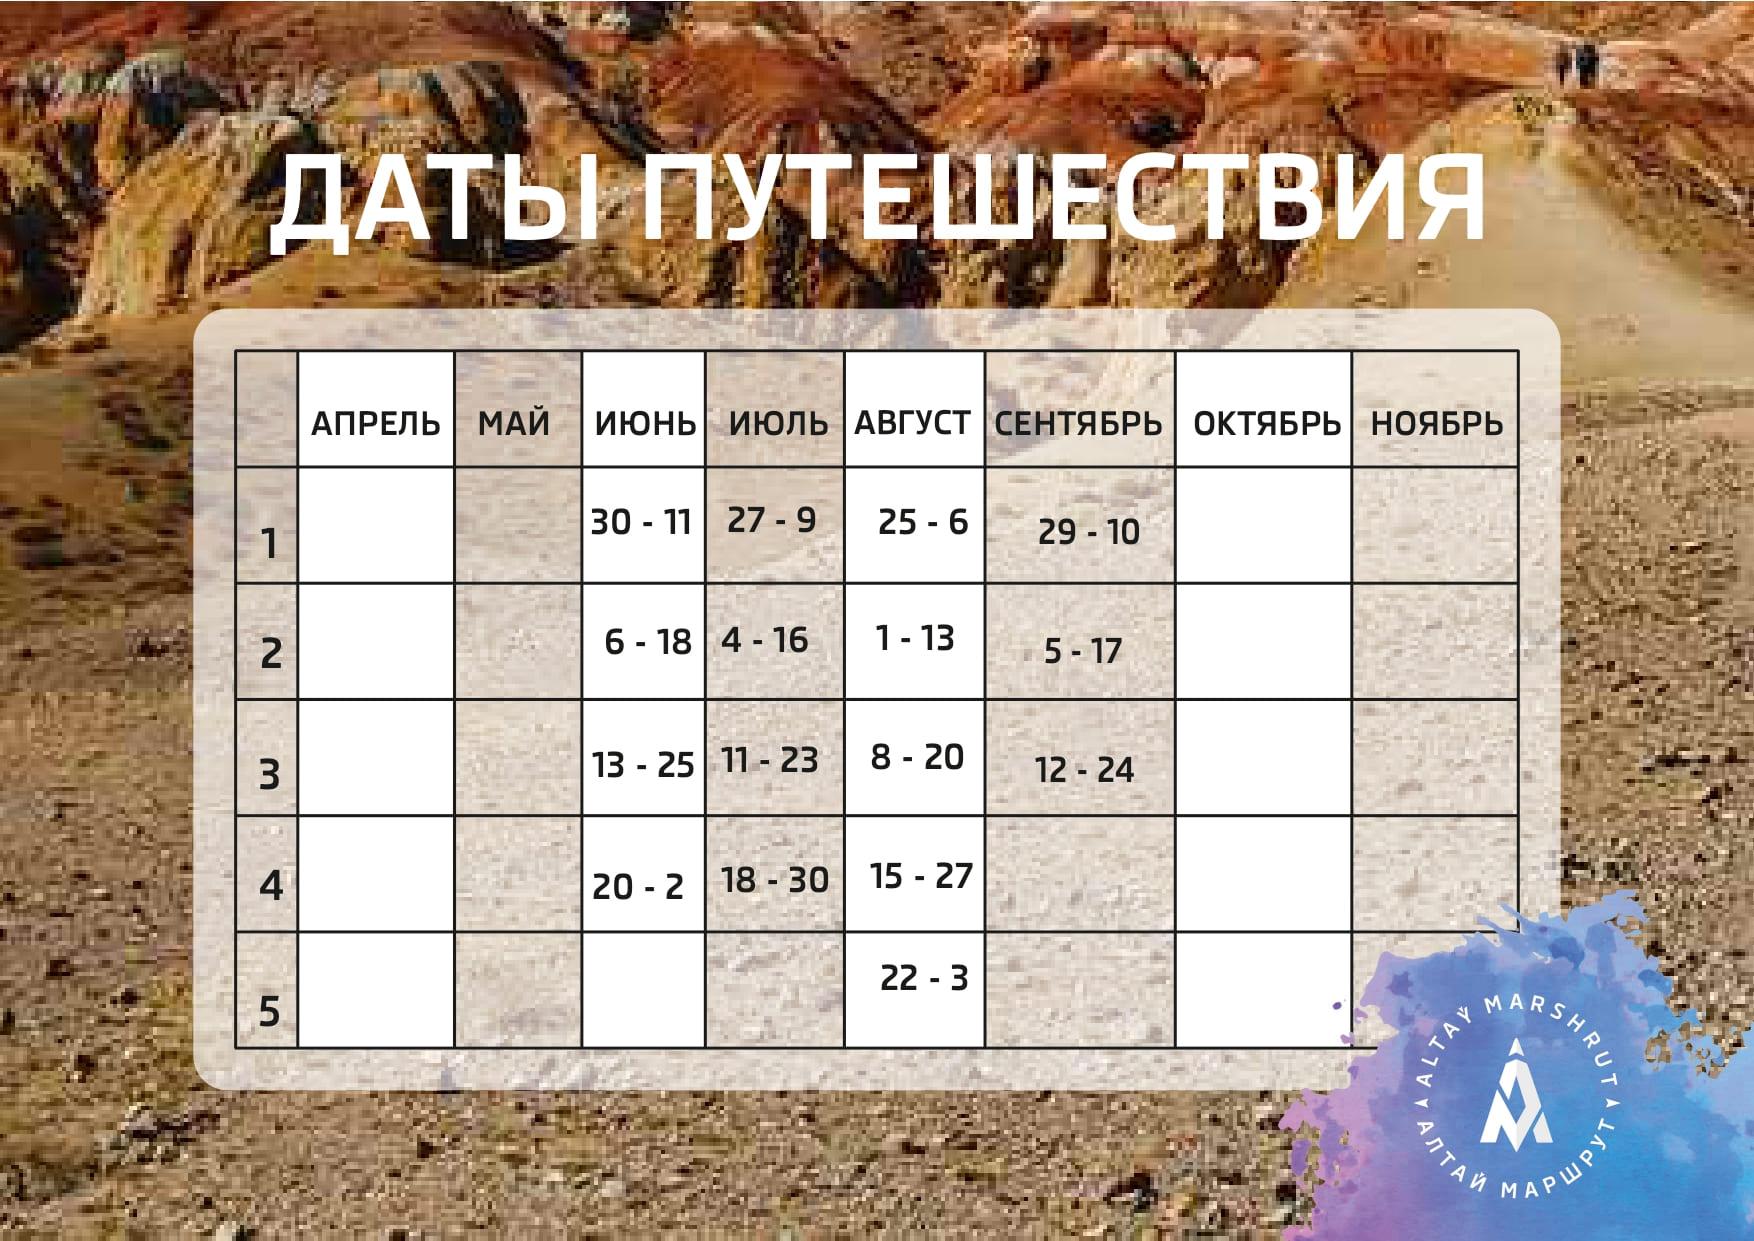 Весь Алтай 13 д_compressed (3)_page-0003